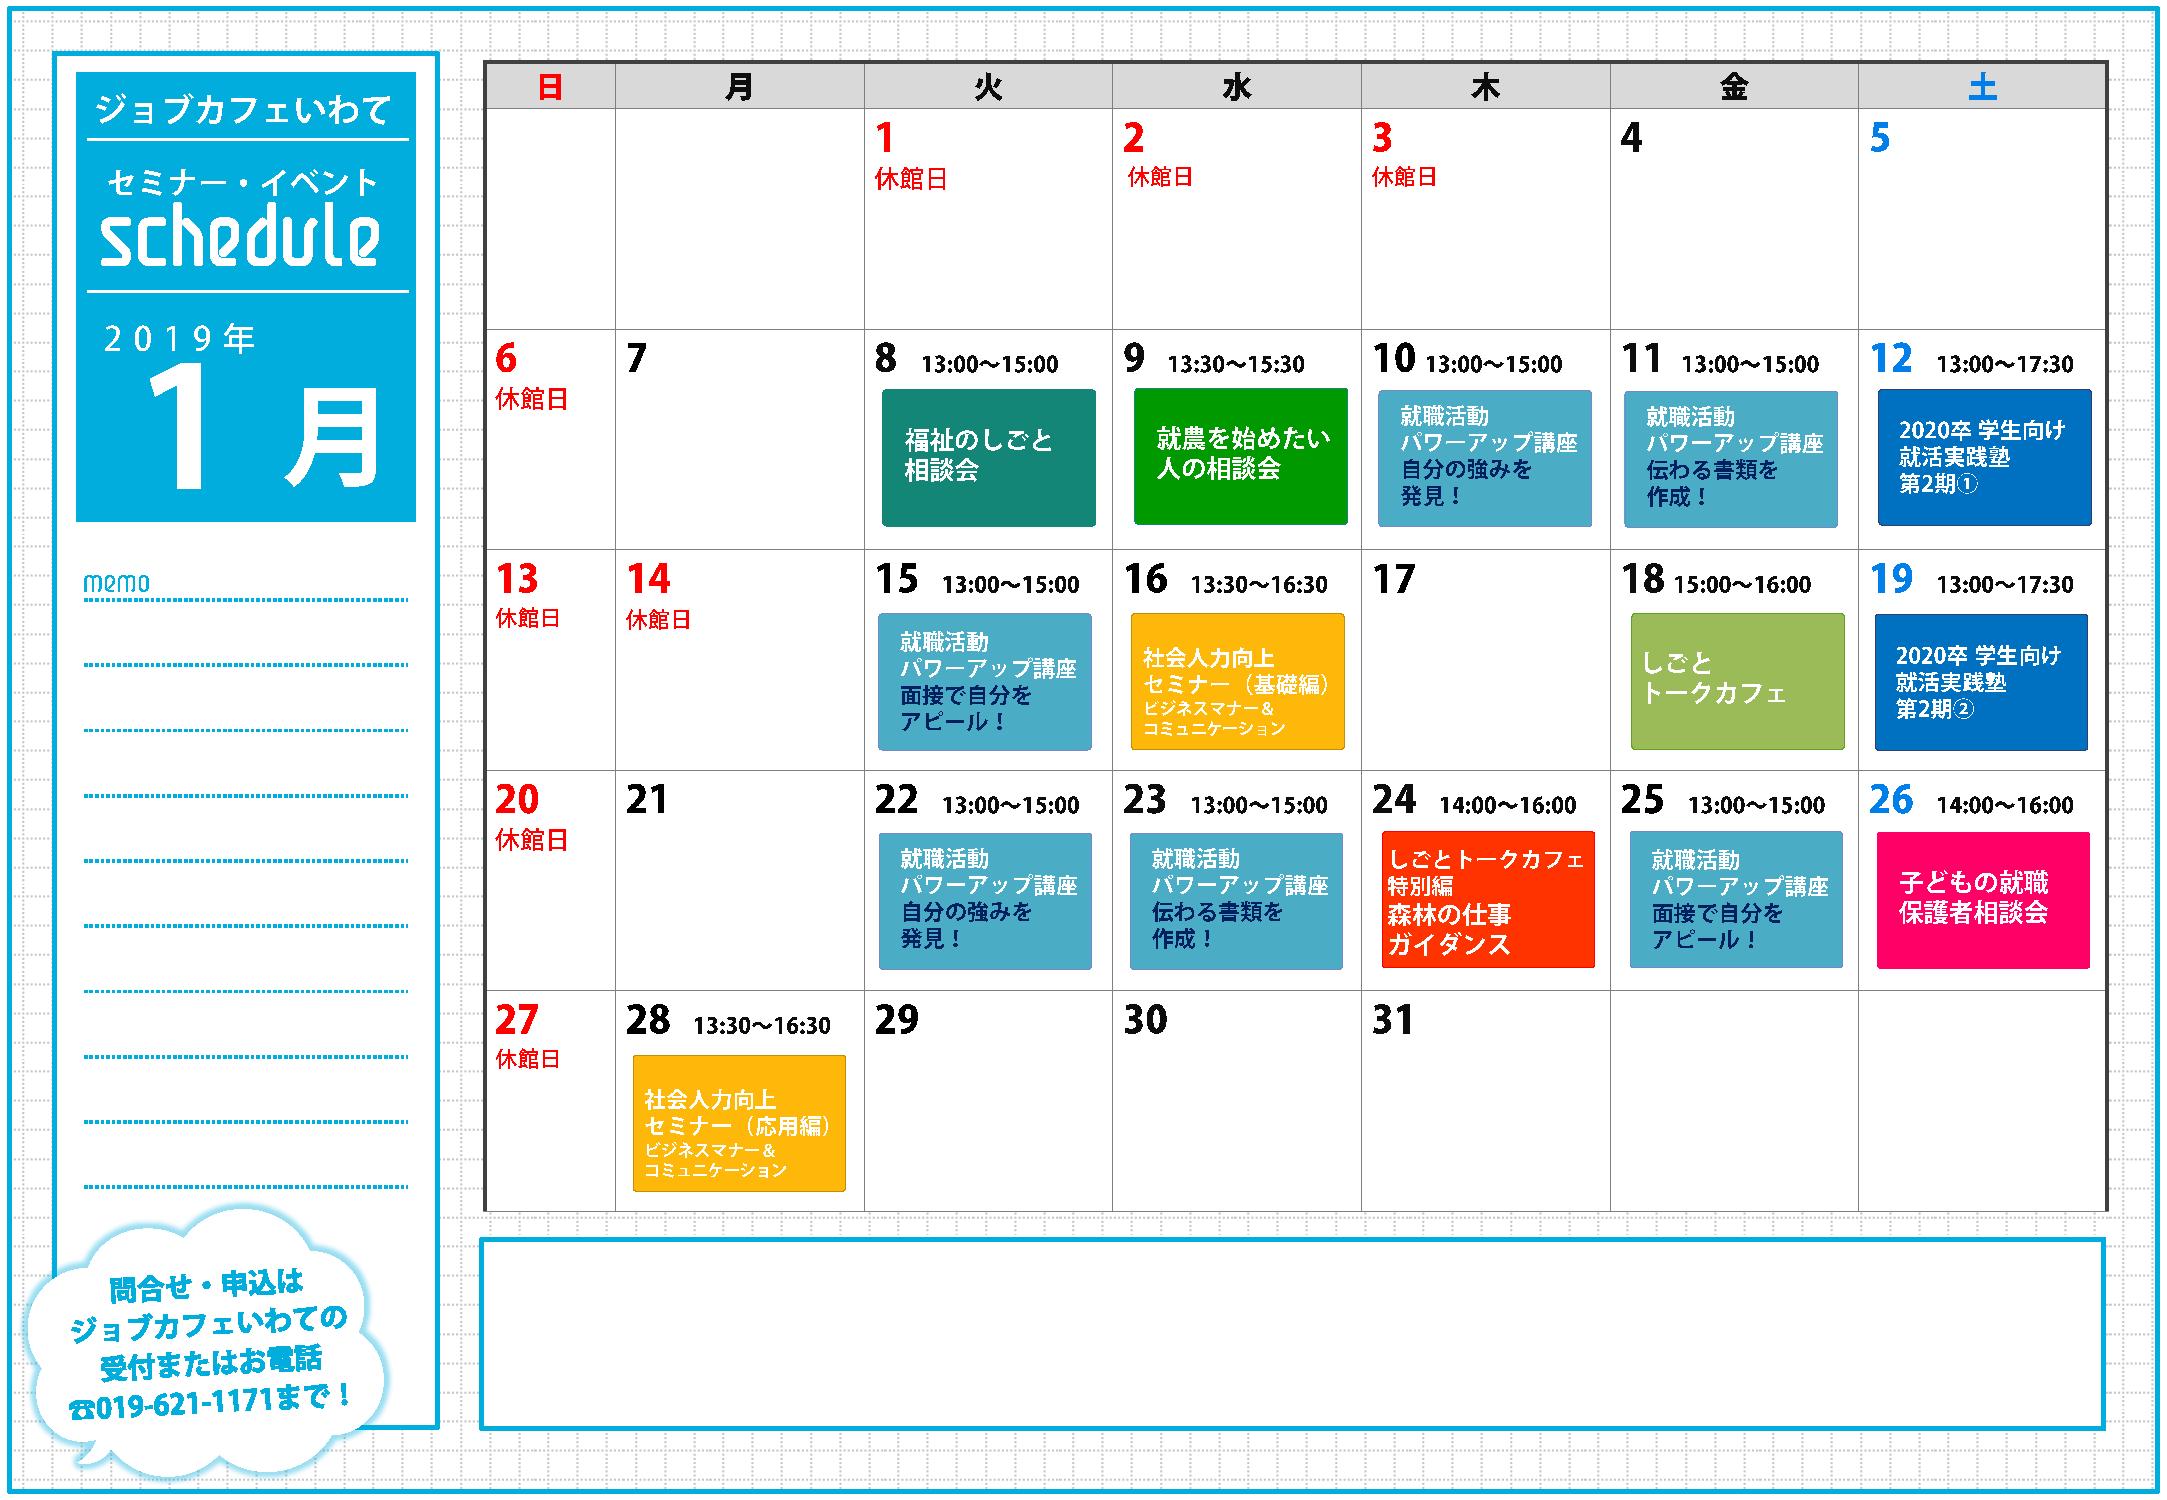 【カラー印刷用】セミナーイベント月毎スケジュールシート1月